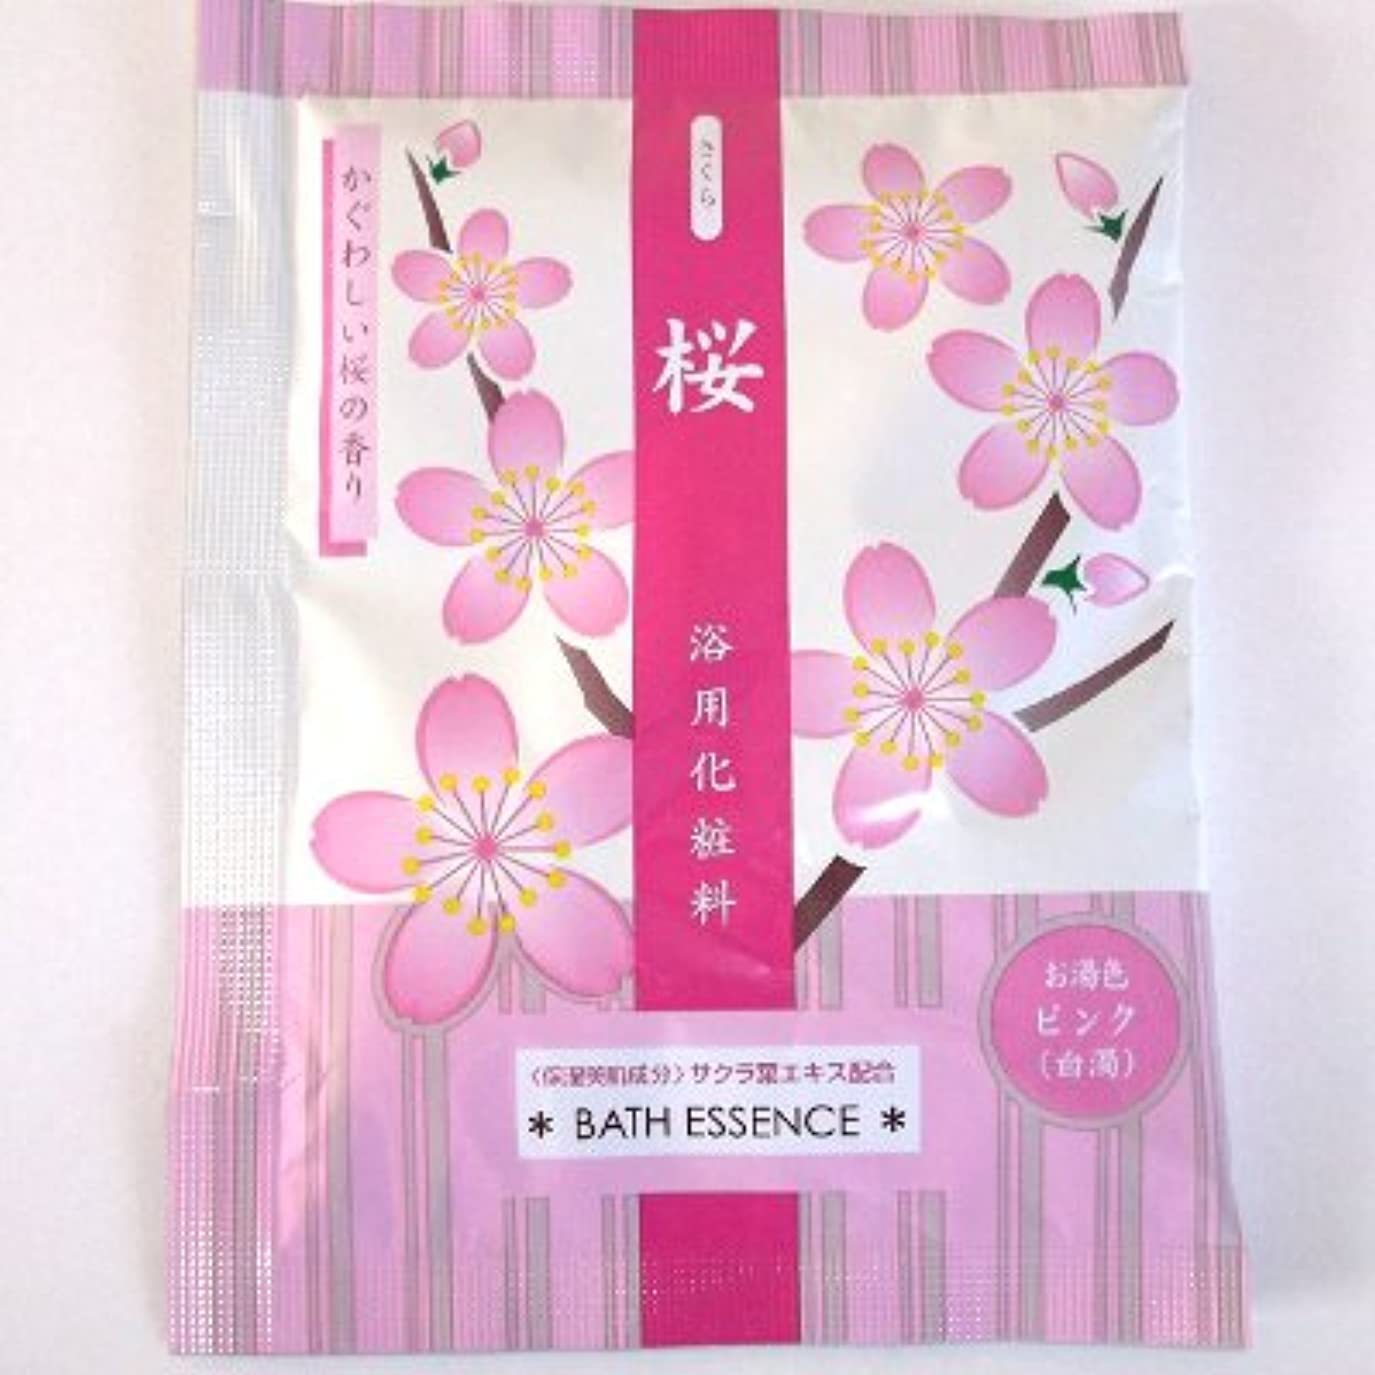 ミネラル通行人第二花の入浴料 かぐわしい桜の香り